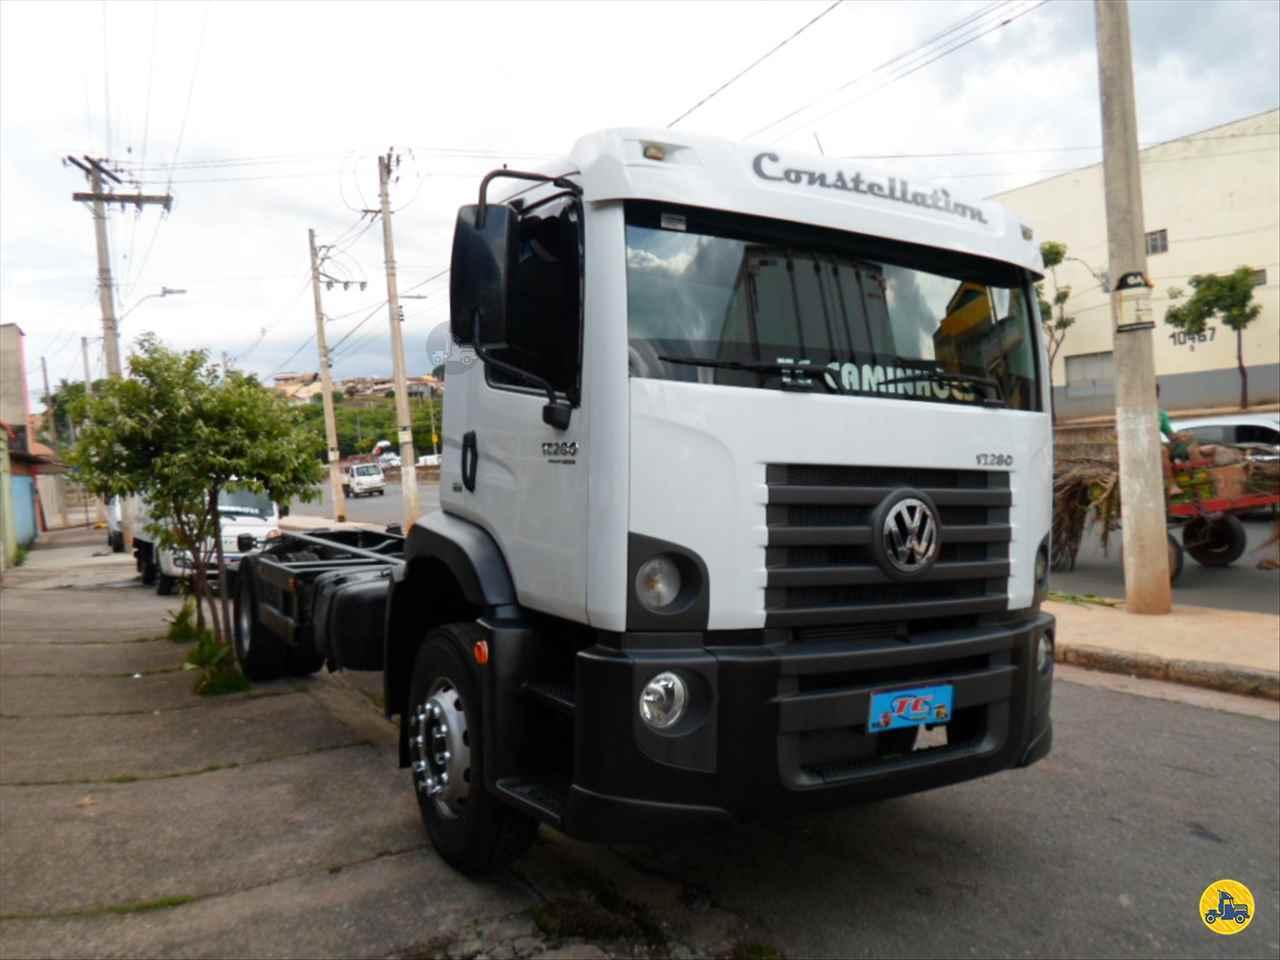 CAMINHAO VOLKSWAGEN VW 17280 Chassis Toco 4x2 TC Caminhões  BELO HORIZONTE MINAS GERAIS MG